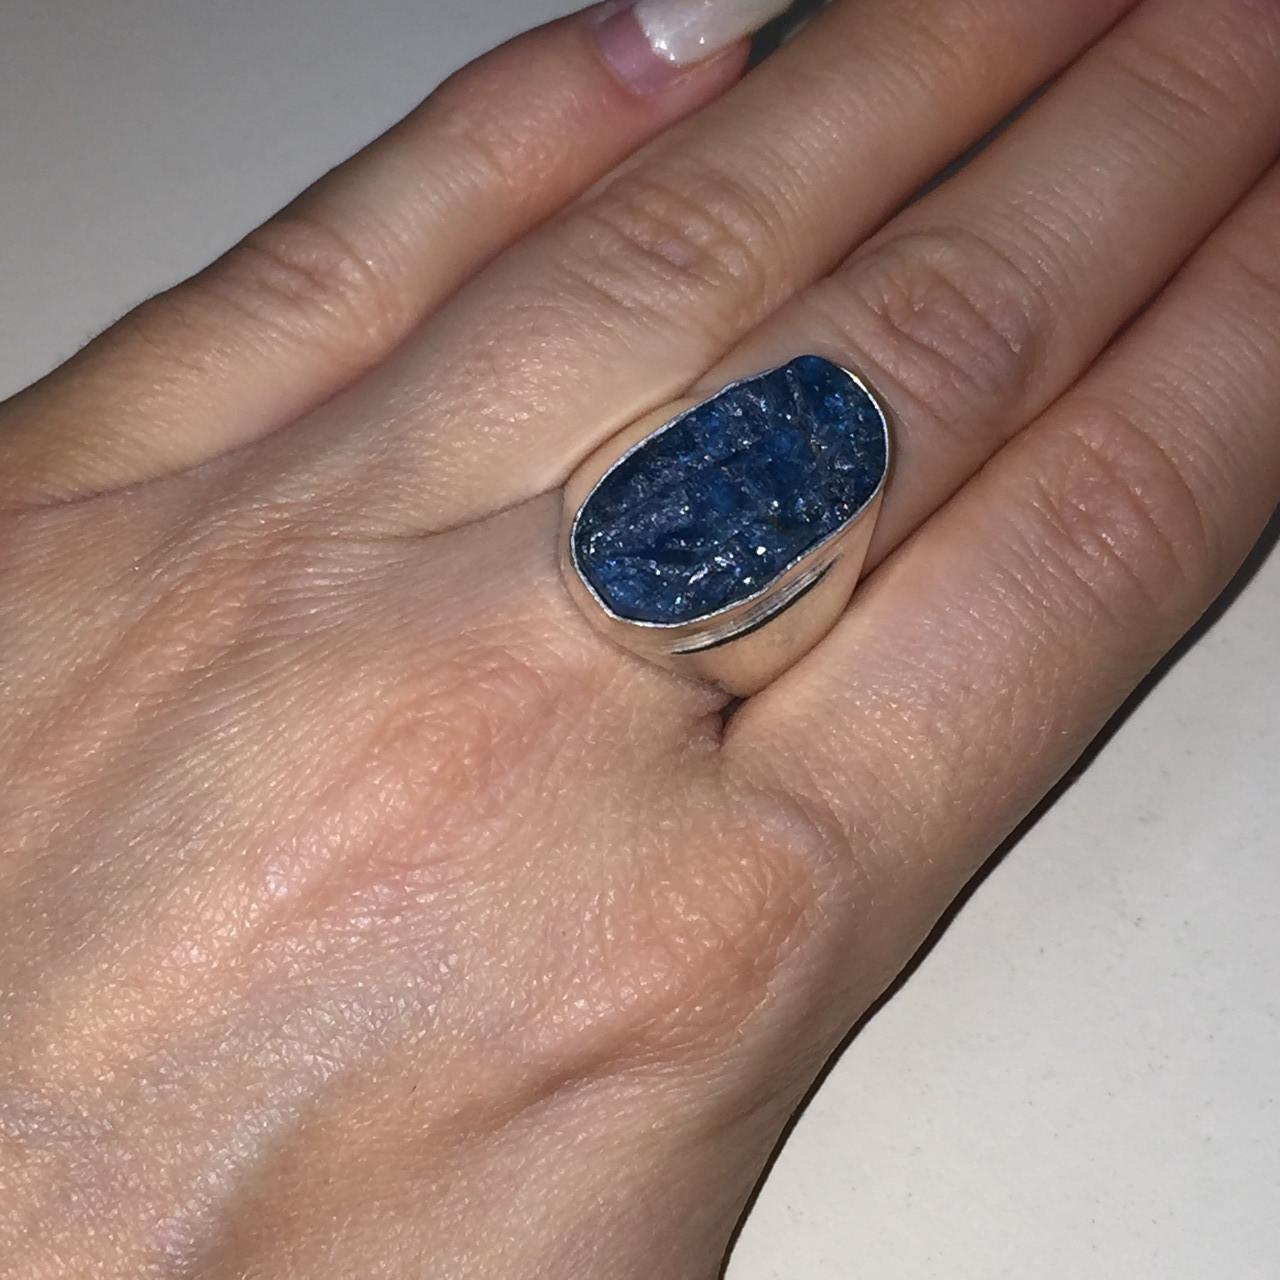 Апатит кольцо с натуральным апатитом 18 размер Индия!